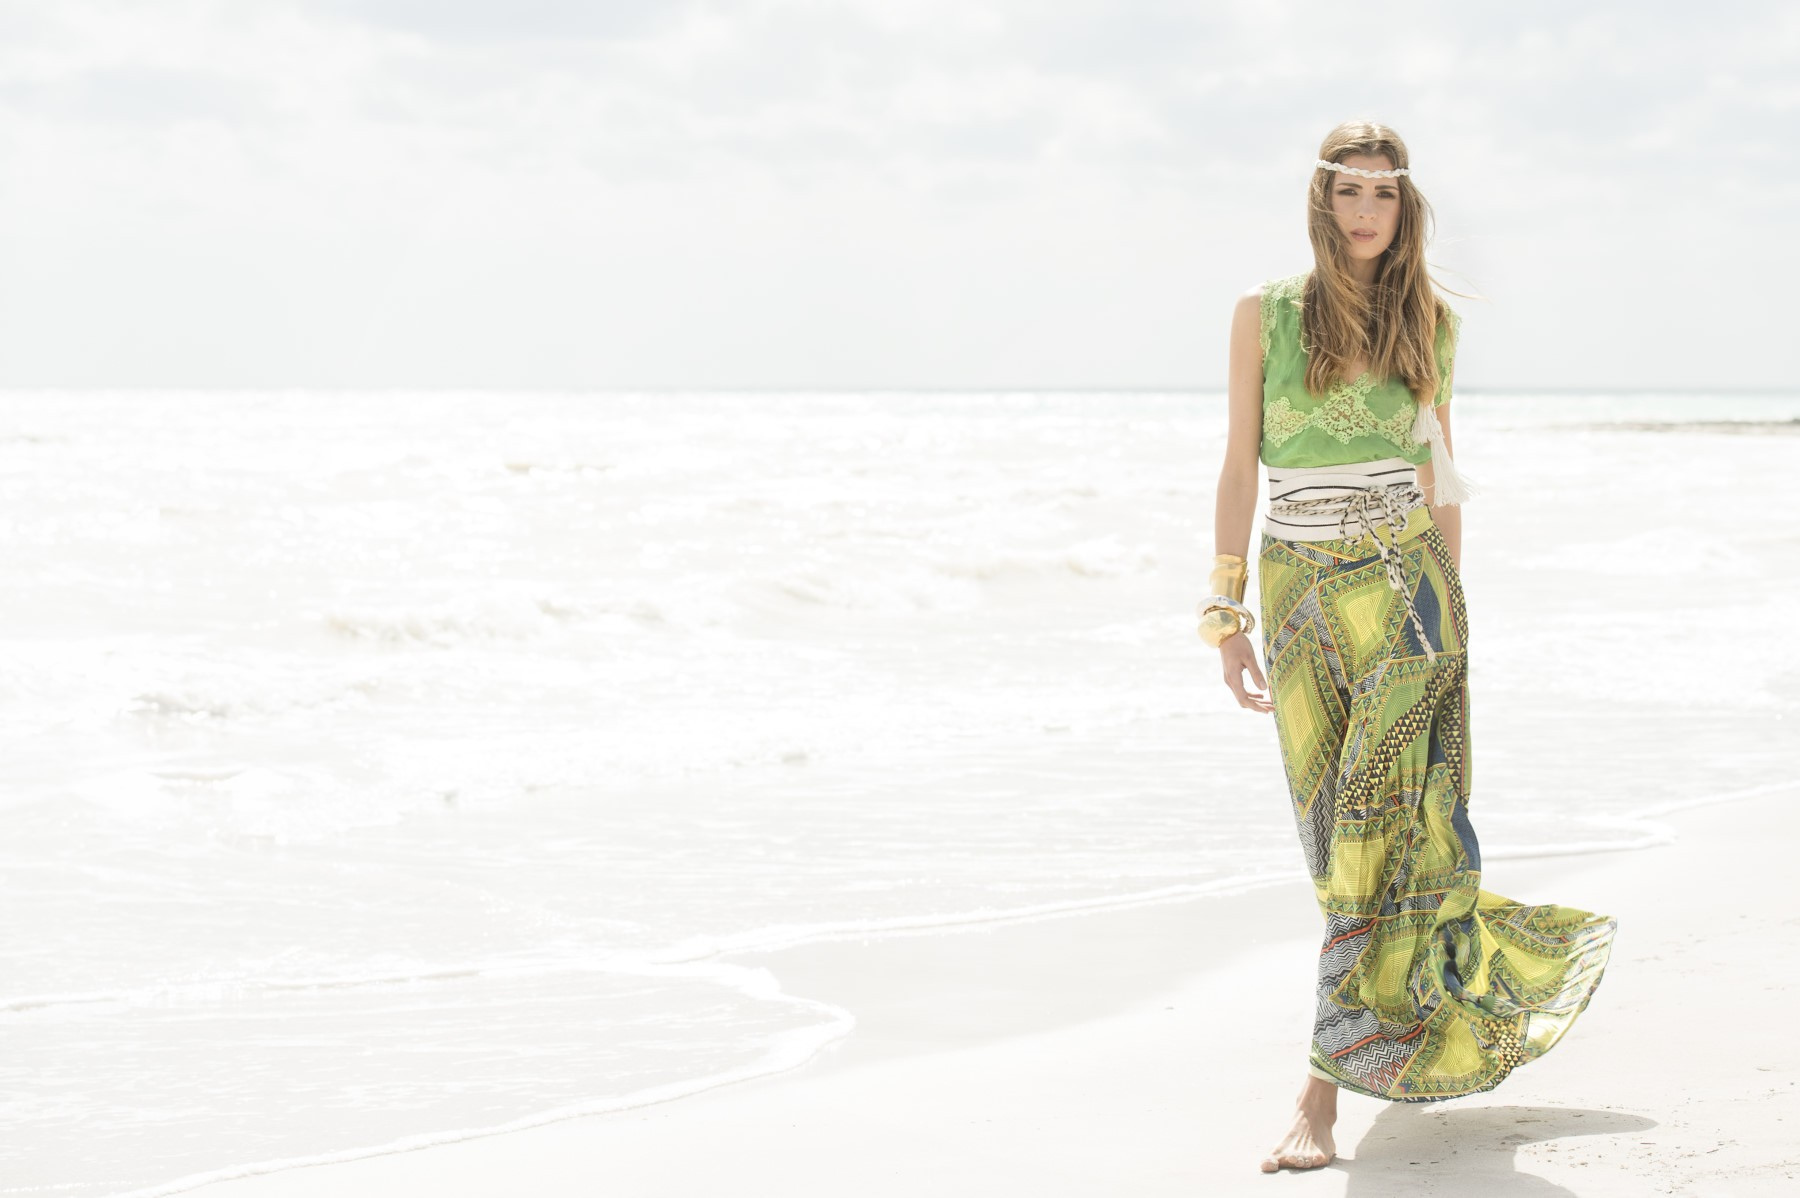 ROP70_048_editoriale Fashion/Adv